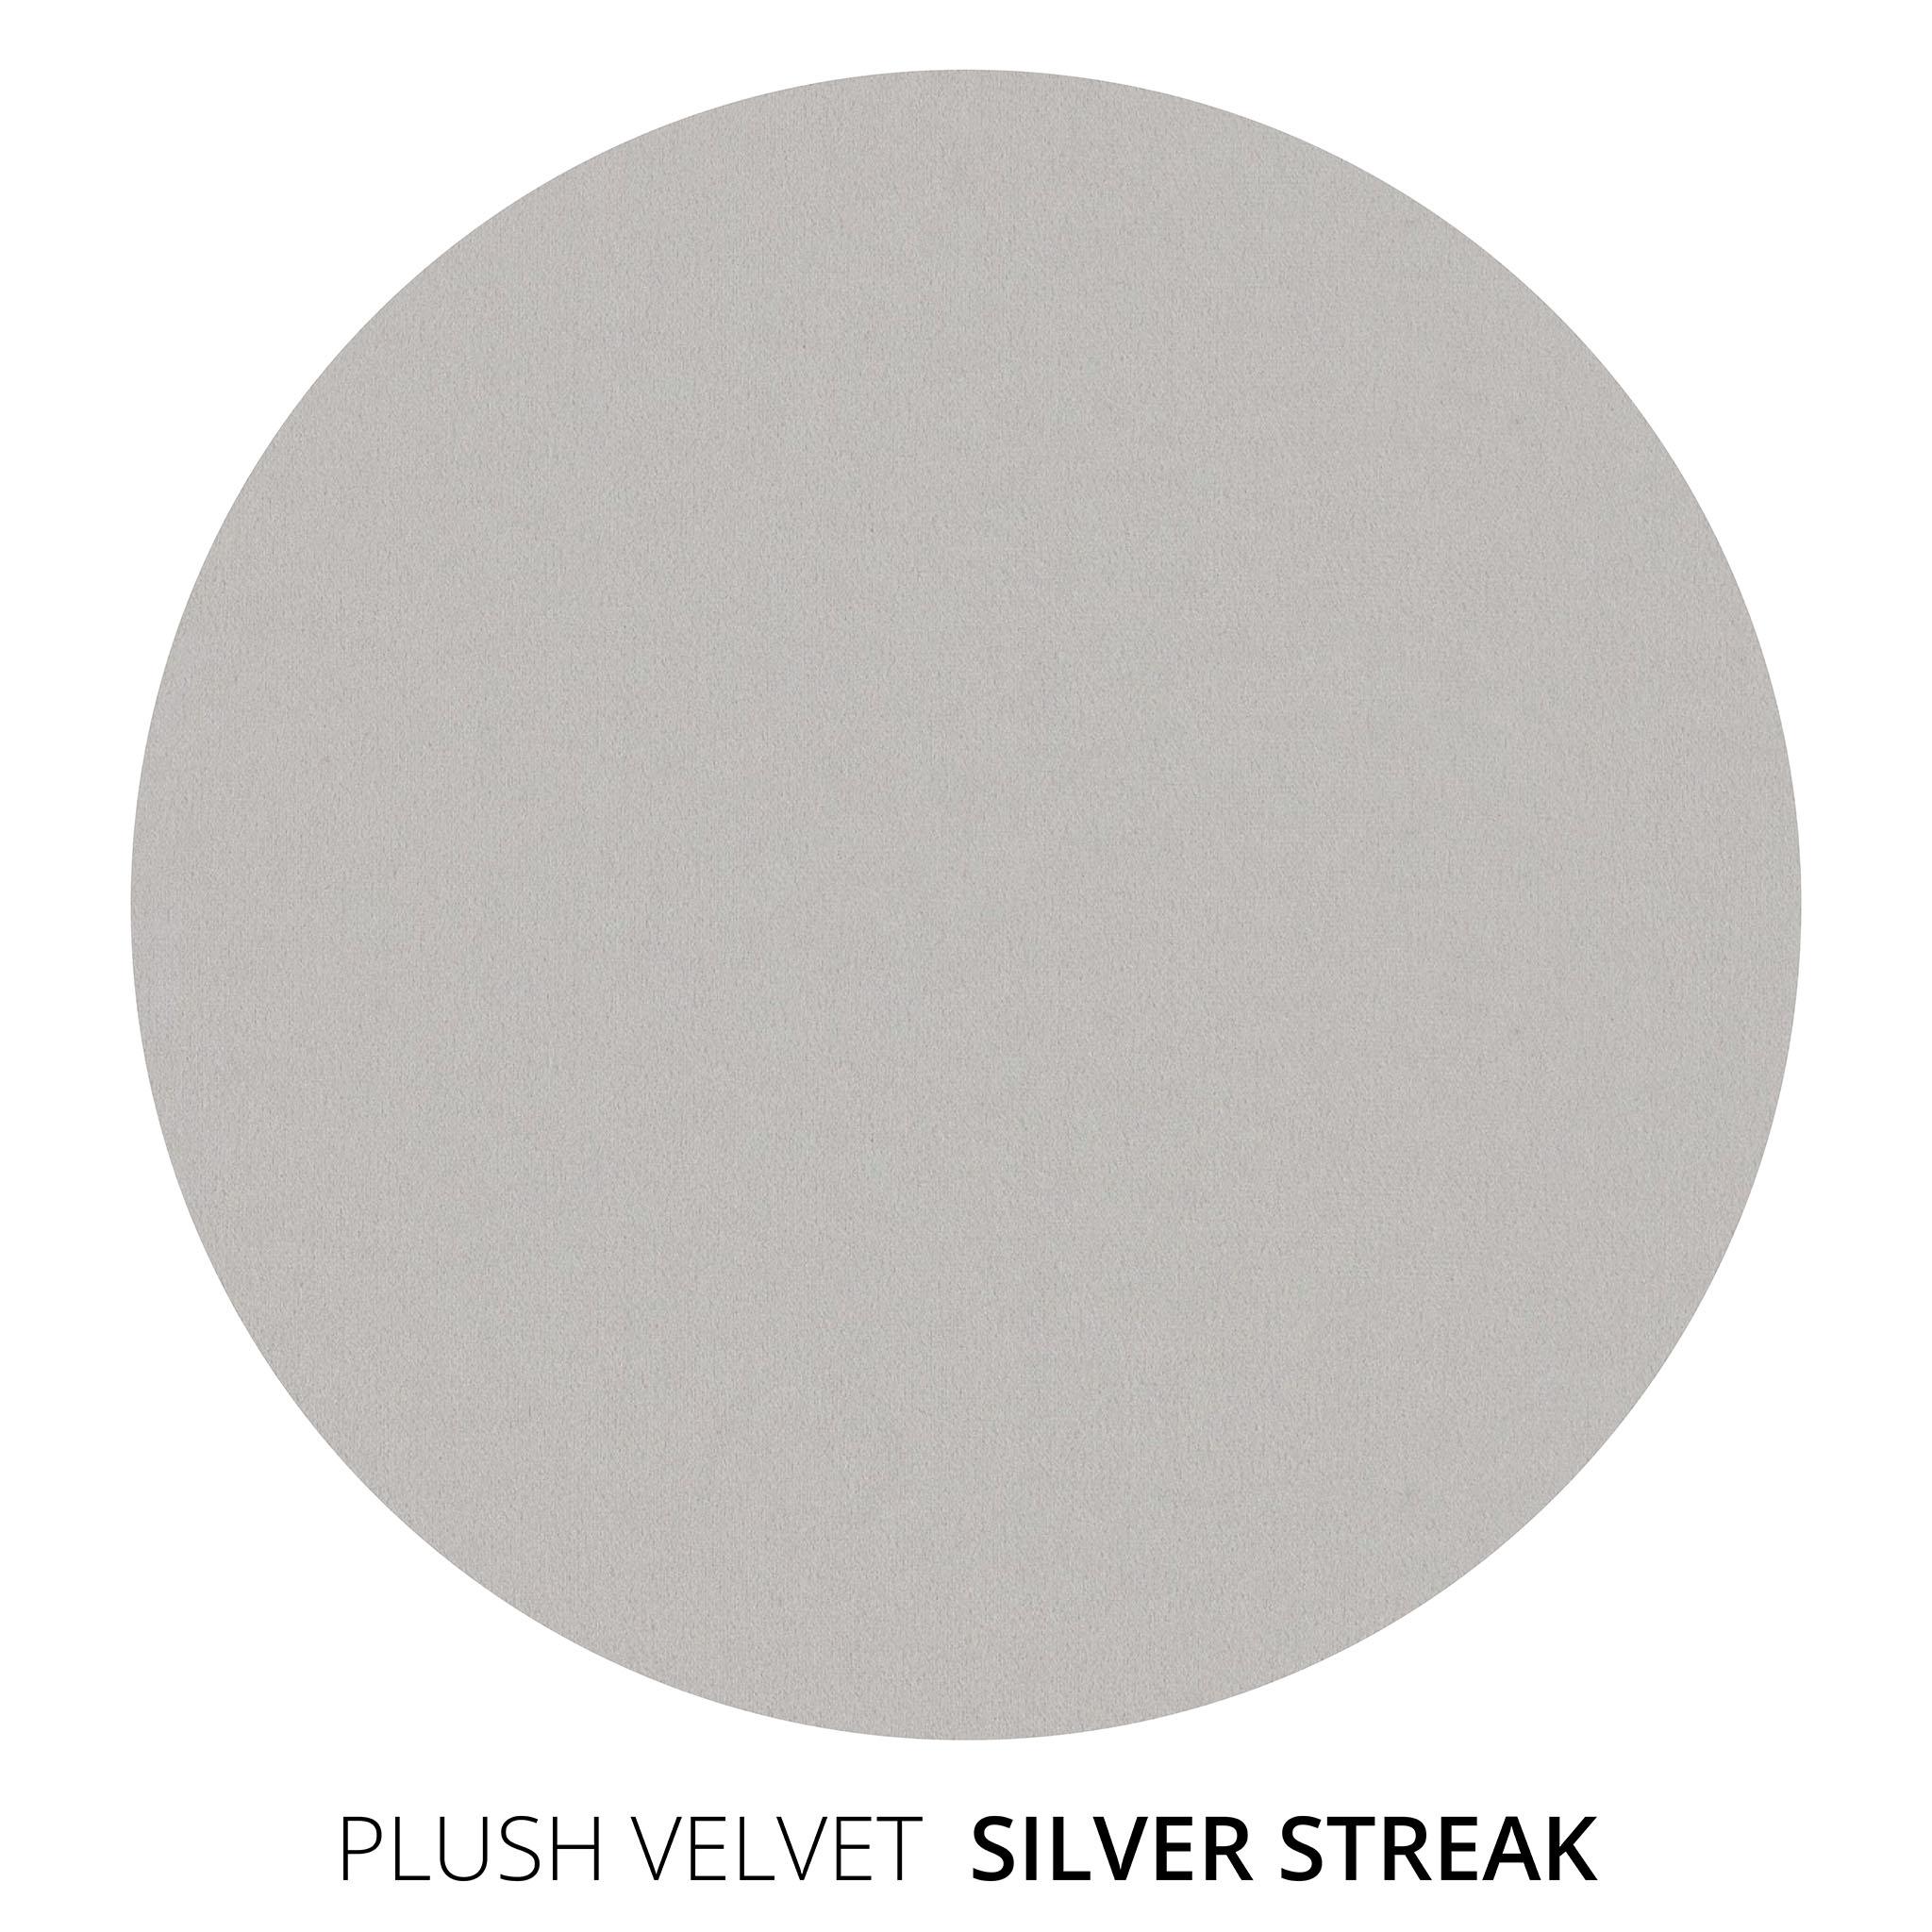 Silver Streak Plush Velvet Swatch